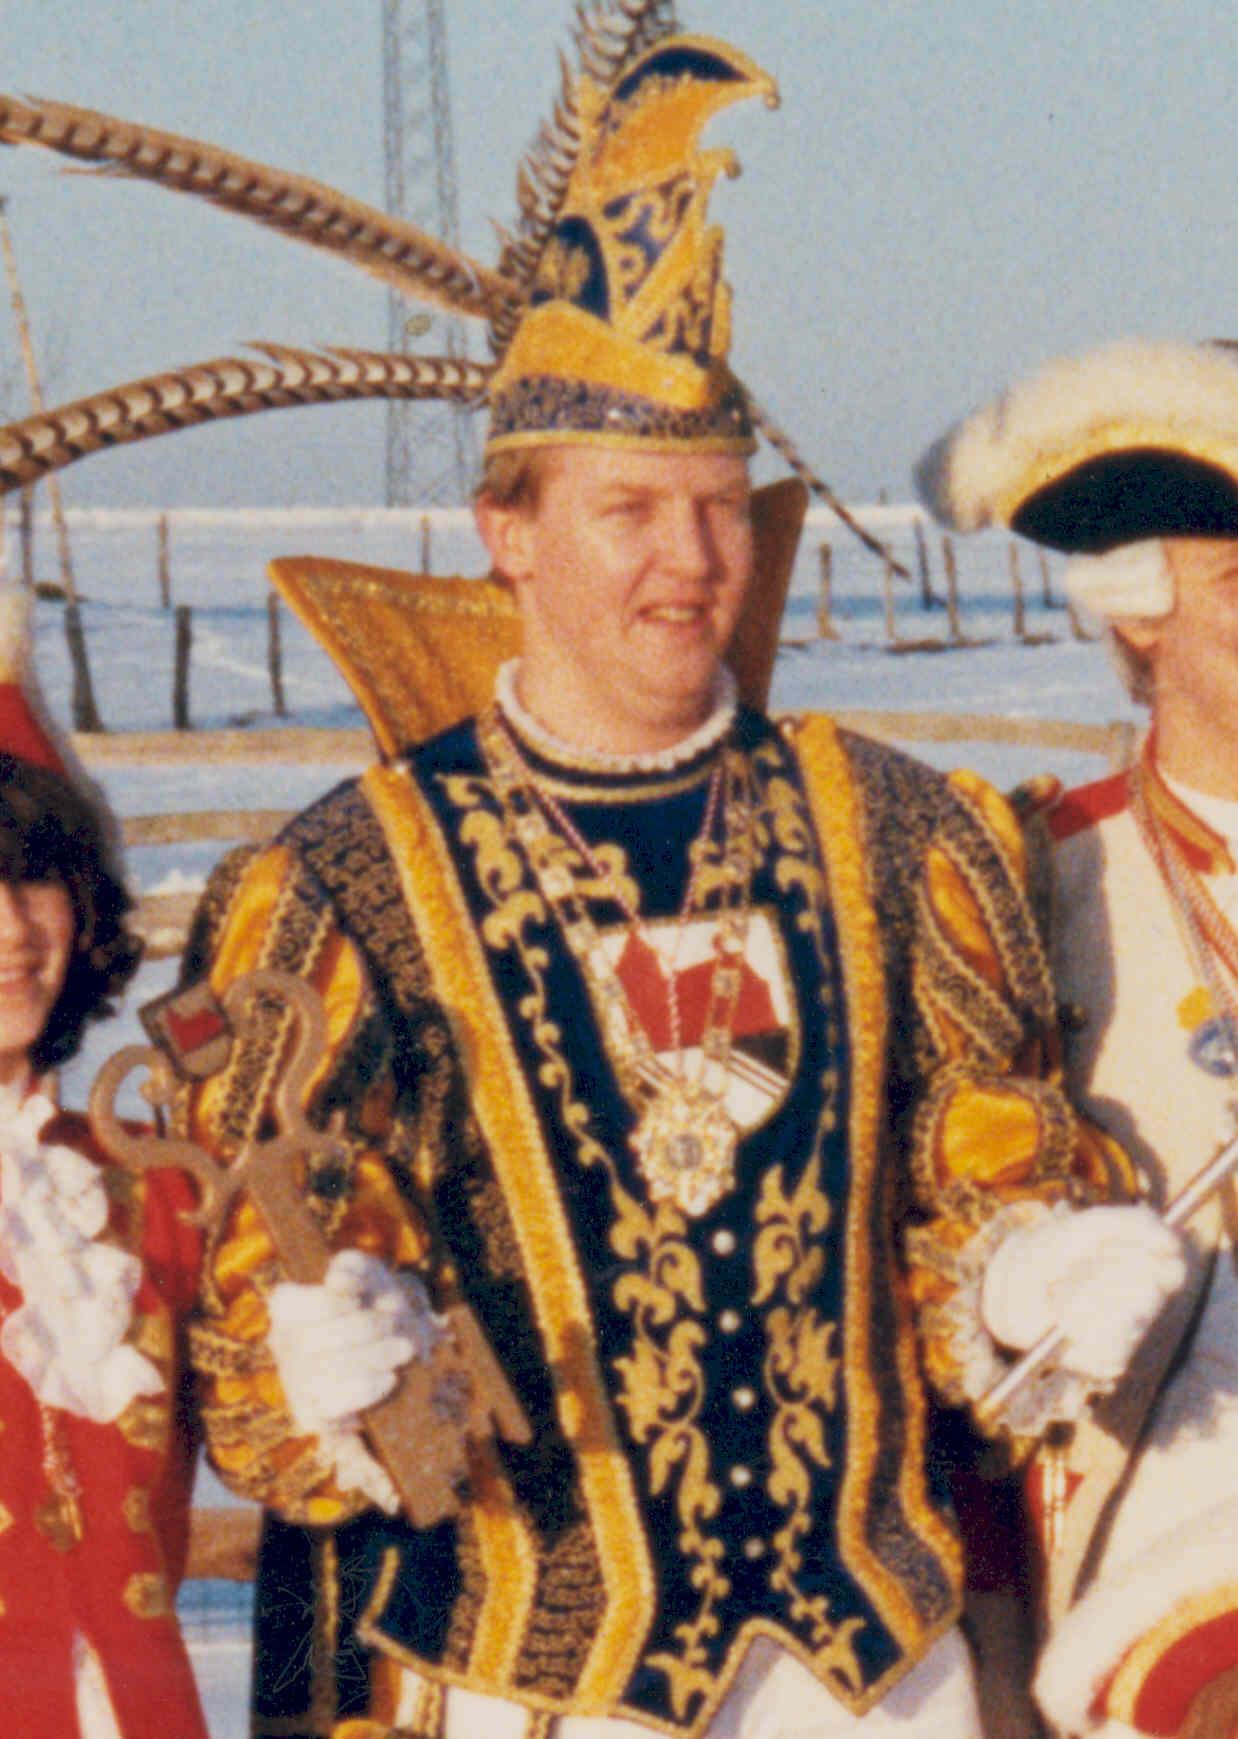 1985-Ulrich I (Keine)